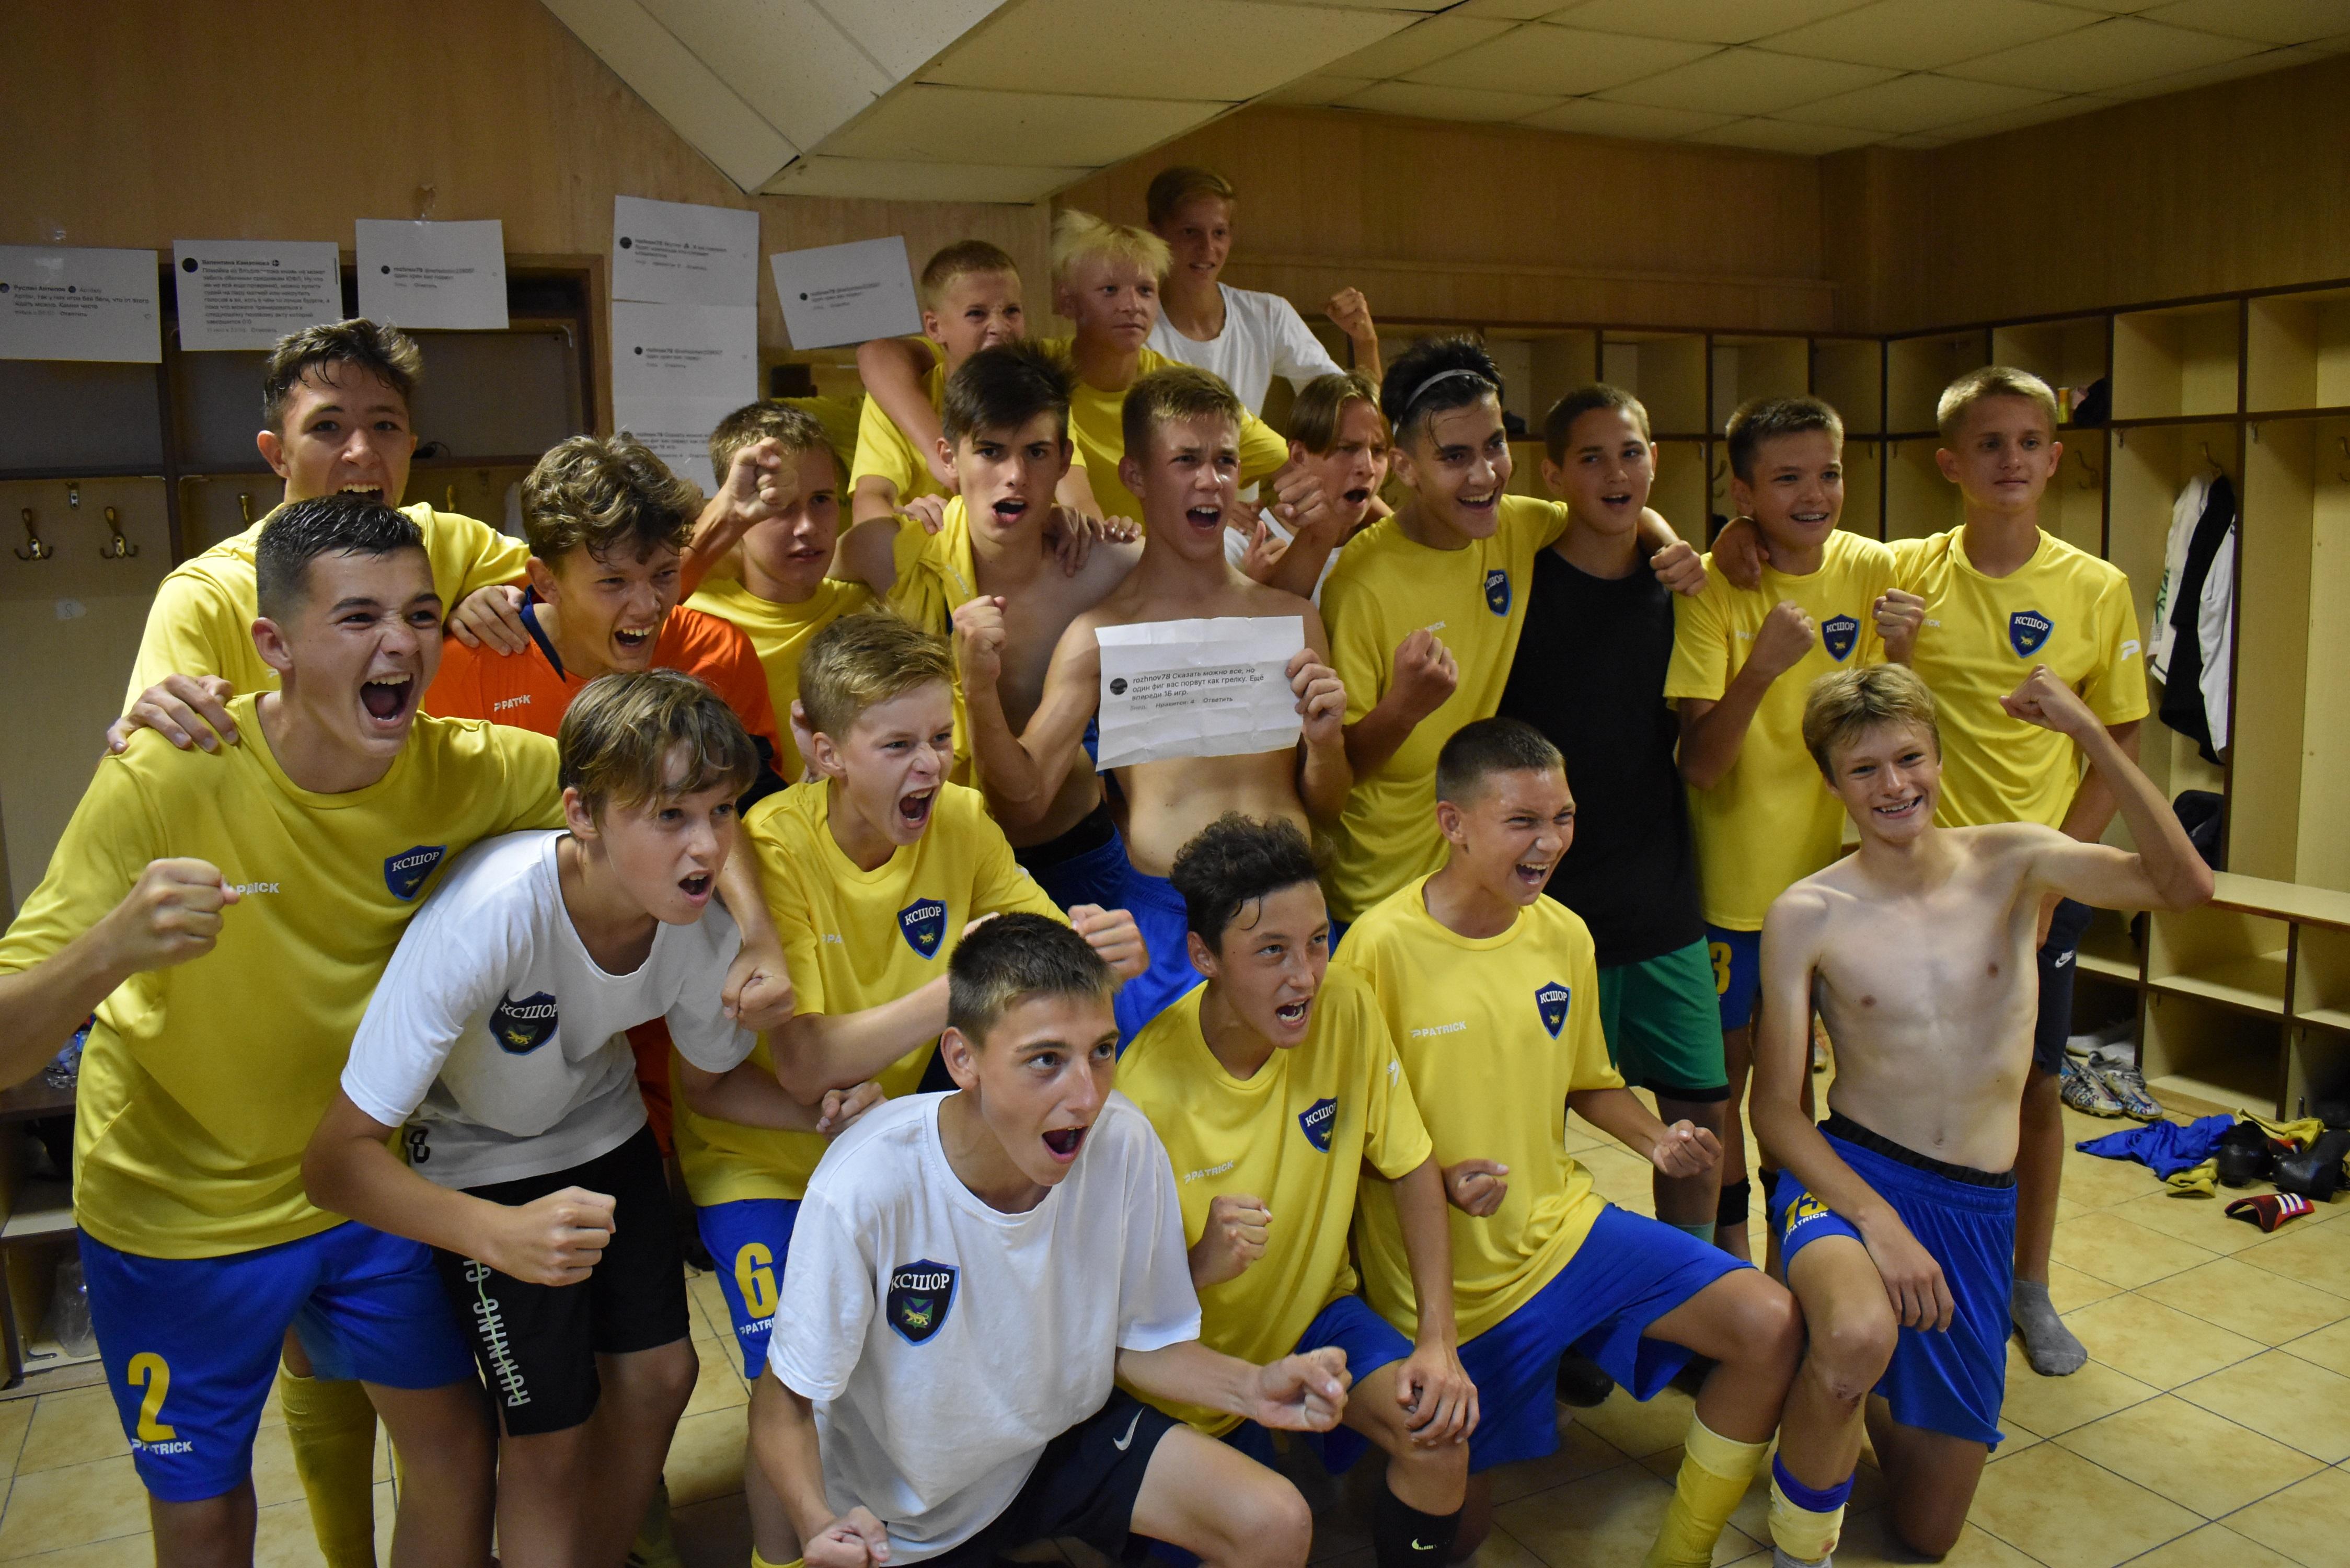 ксшор юфл дв футбол луч владивосток юношеская футбольная лига ряхин